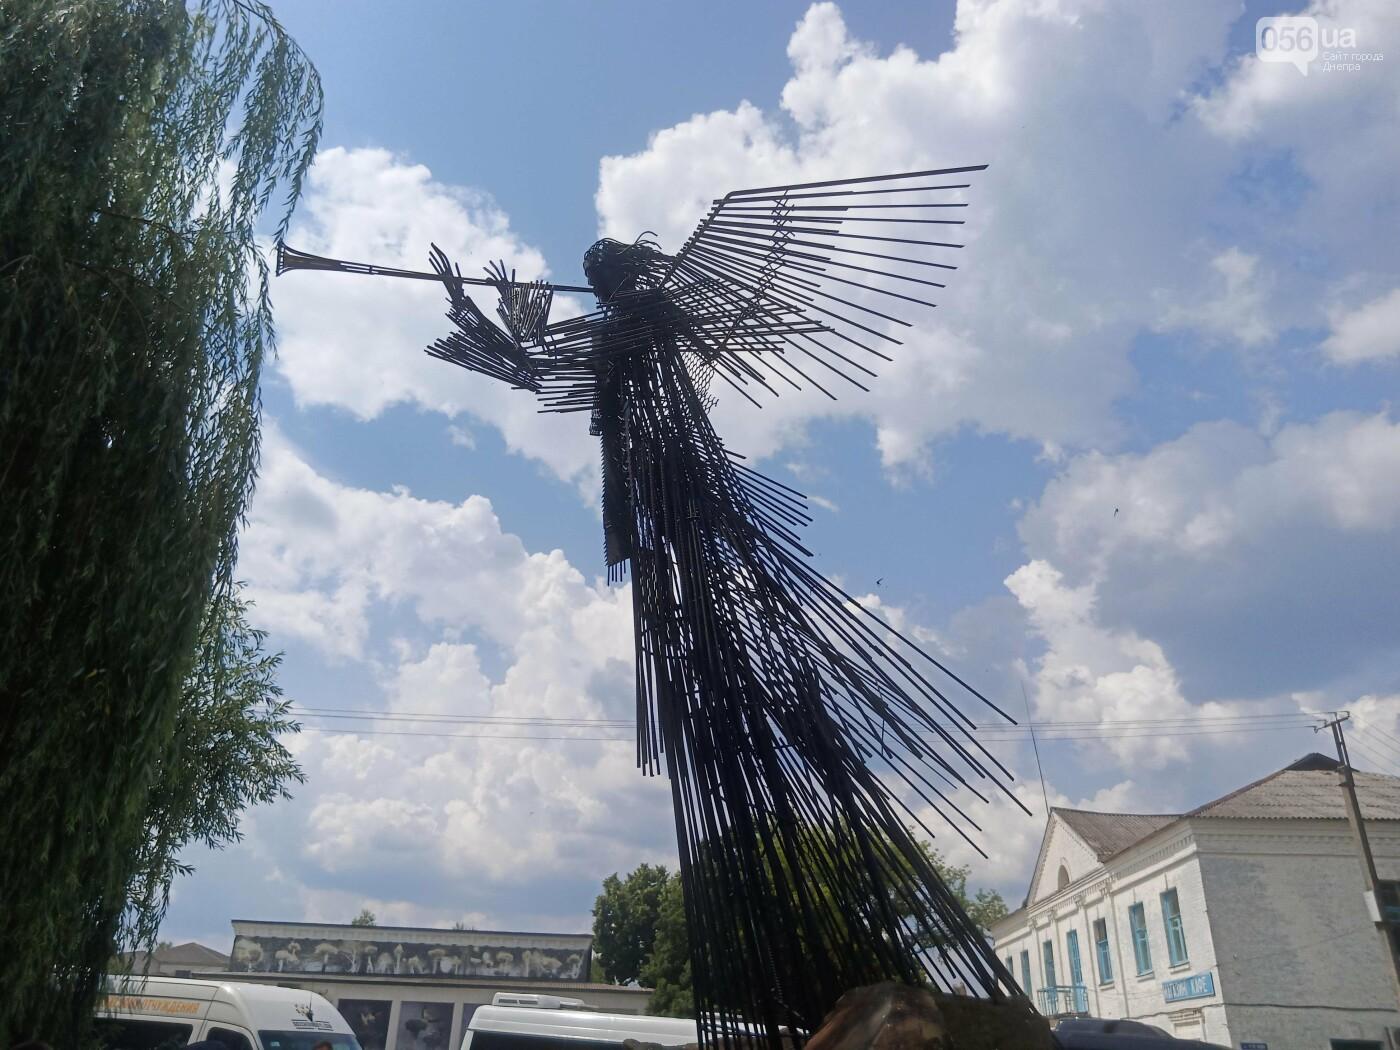 Минус пара кед и брюк: путешествие одного днепрянина в Чернобыль, - ФОТО, ВИДЕО, фото-18